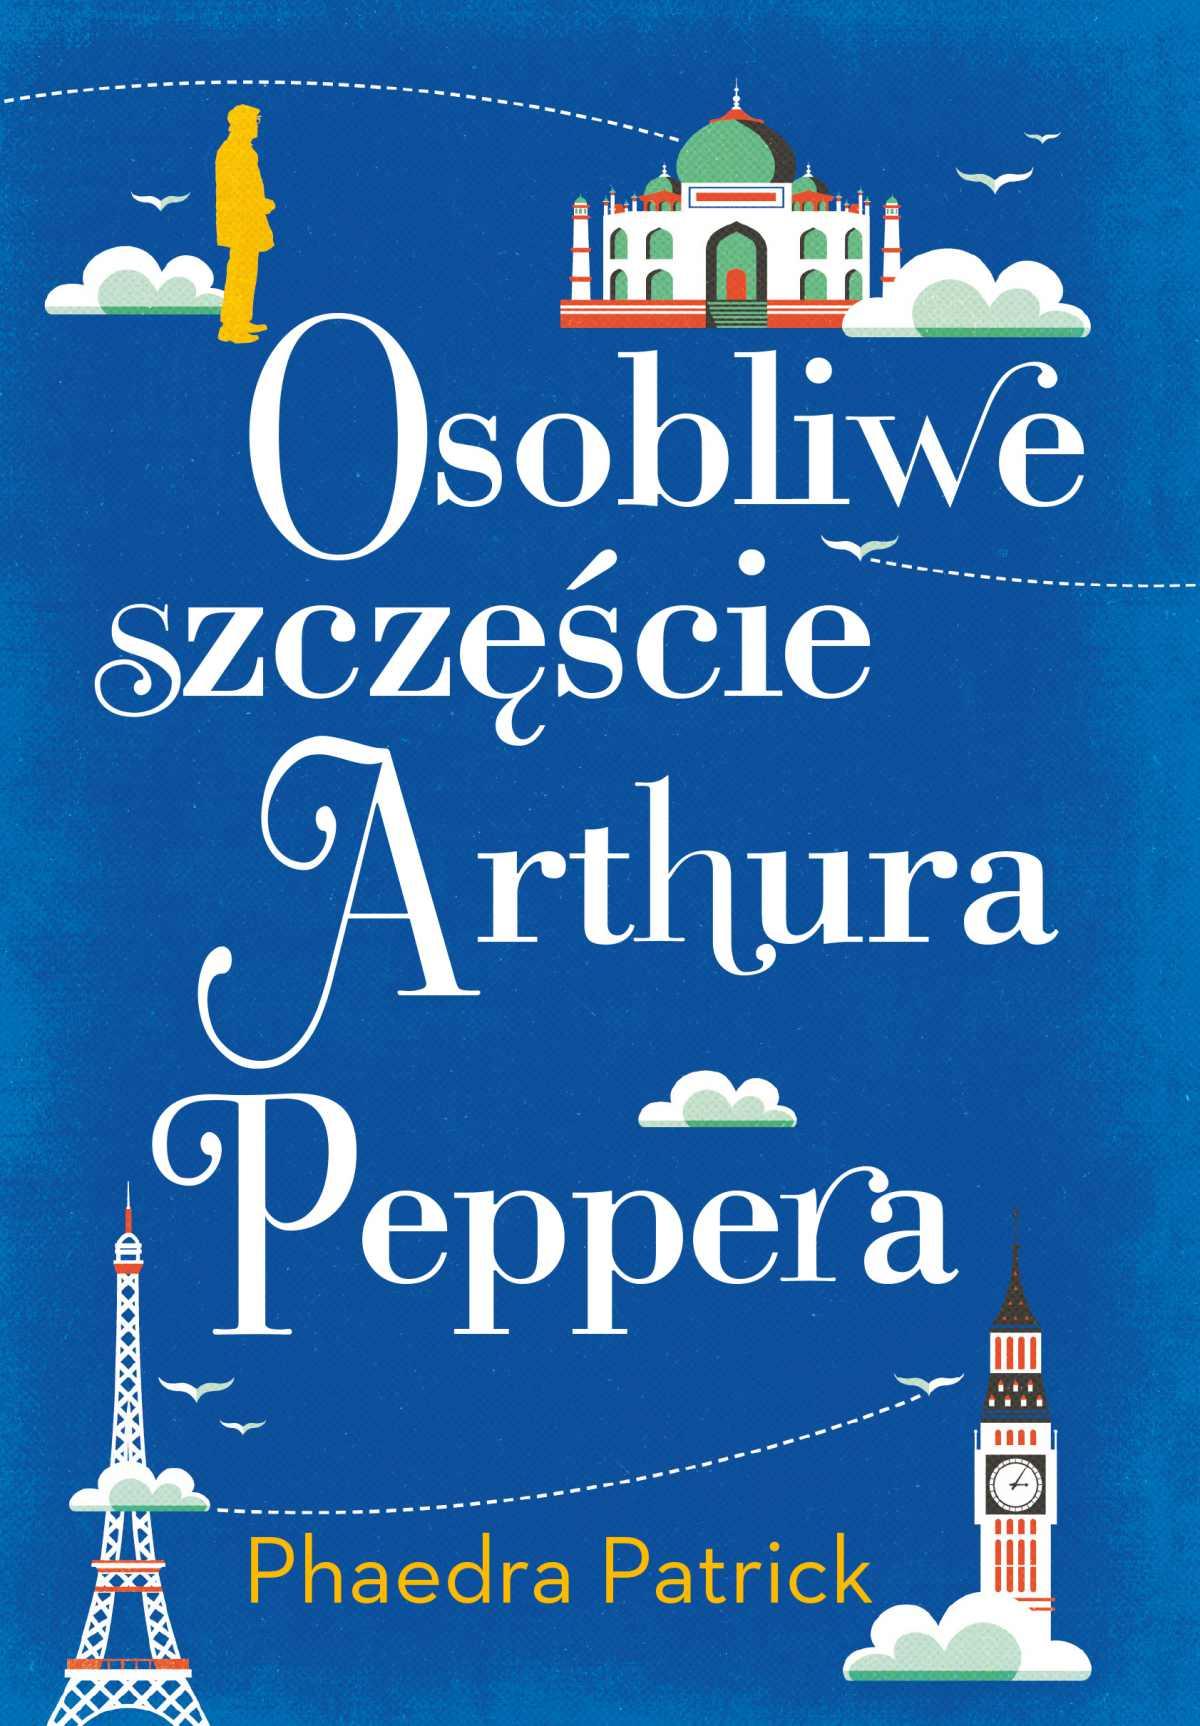 Osobliwe szczęście Arthura Peppera - Phaedra Patrick